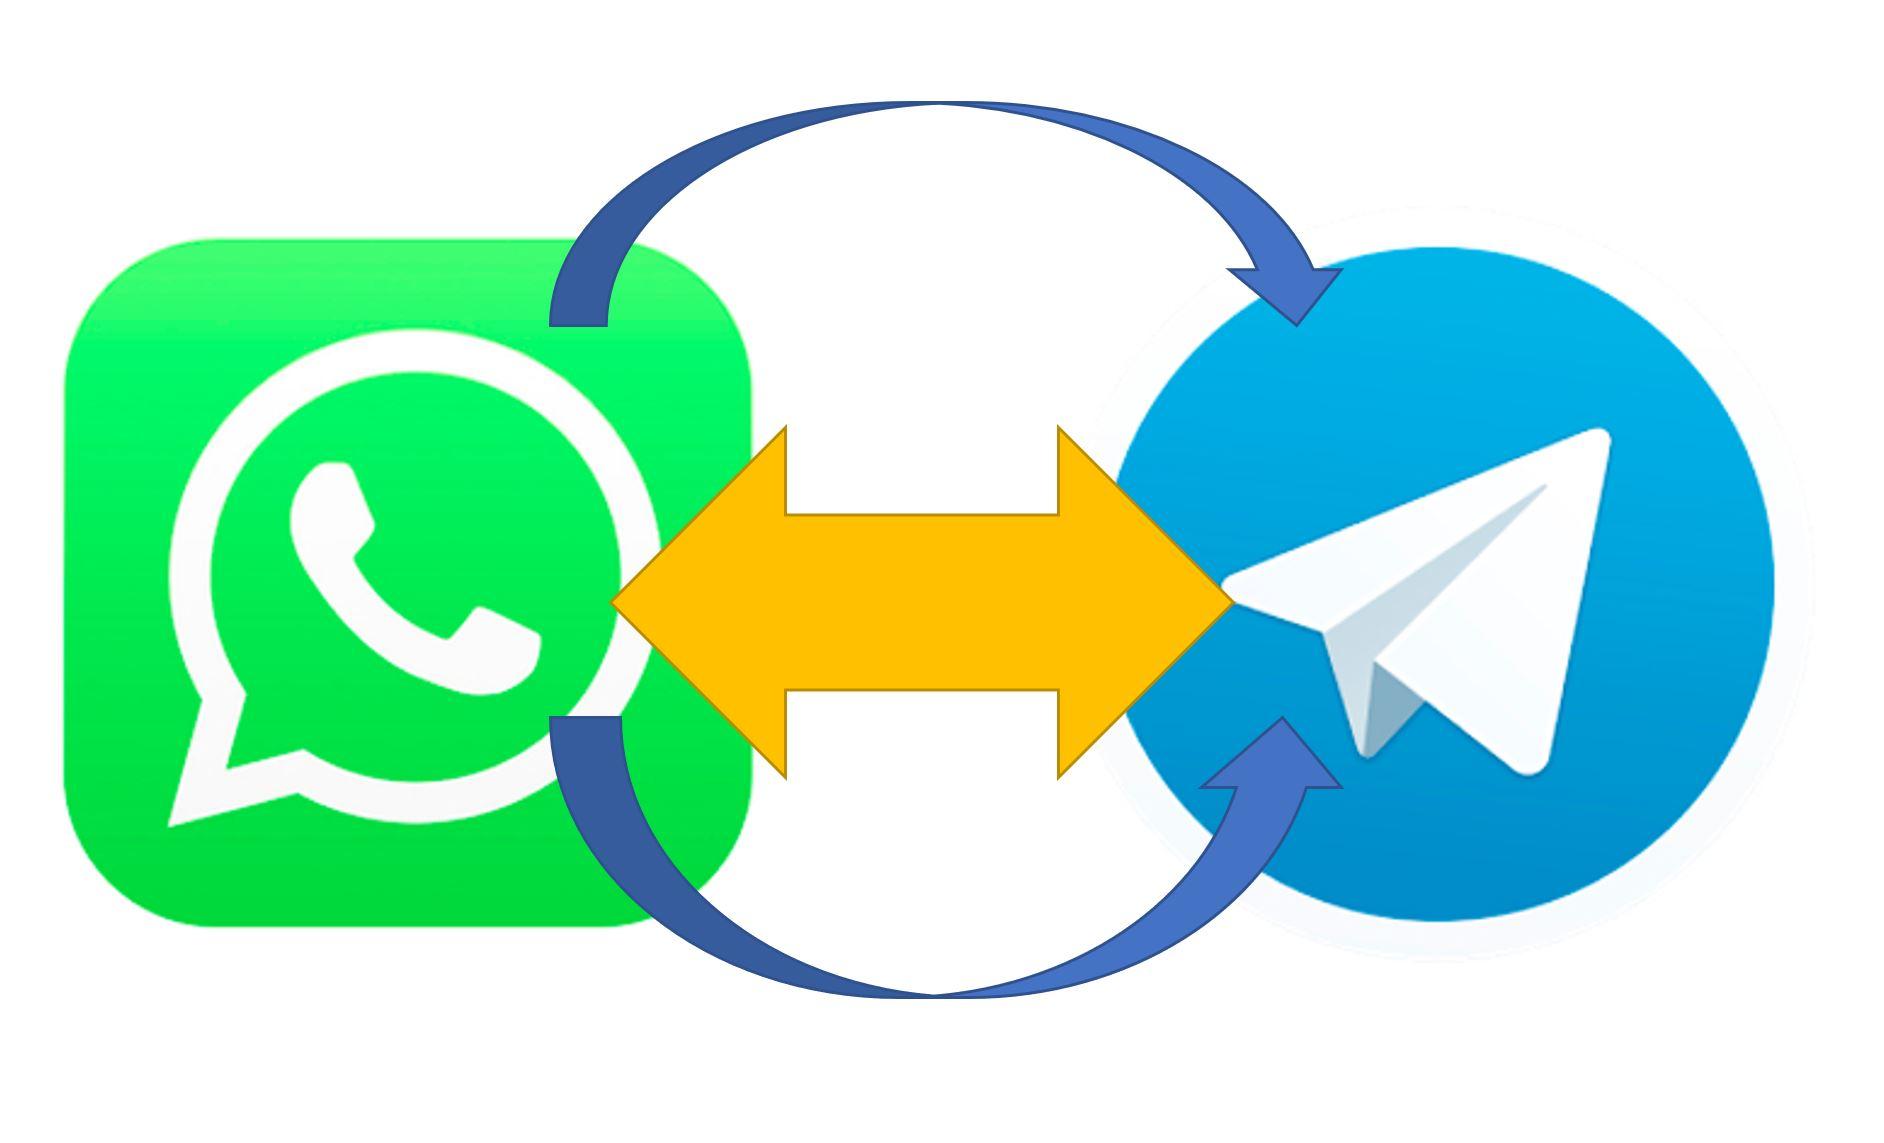 Nachricht whatsapp senden leere WhatsApp